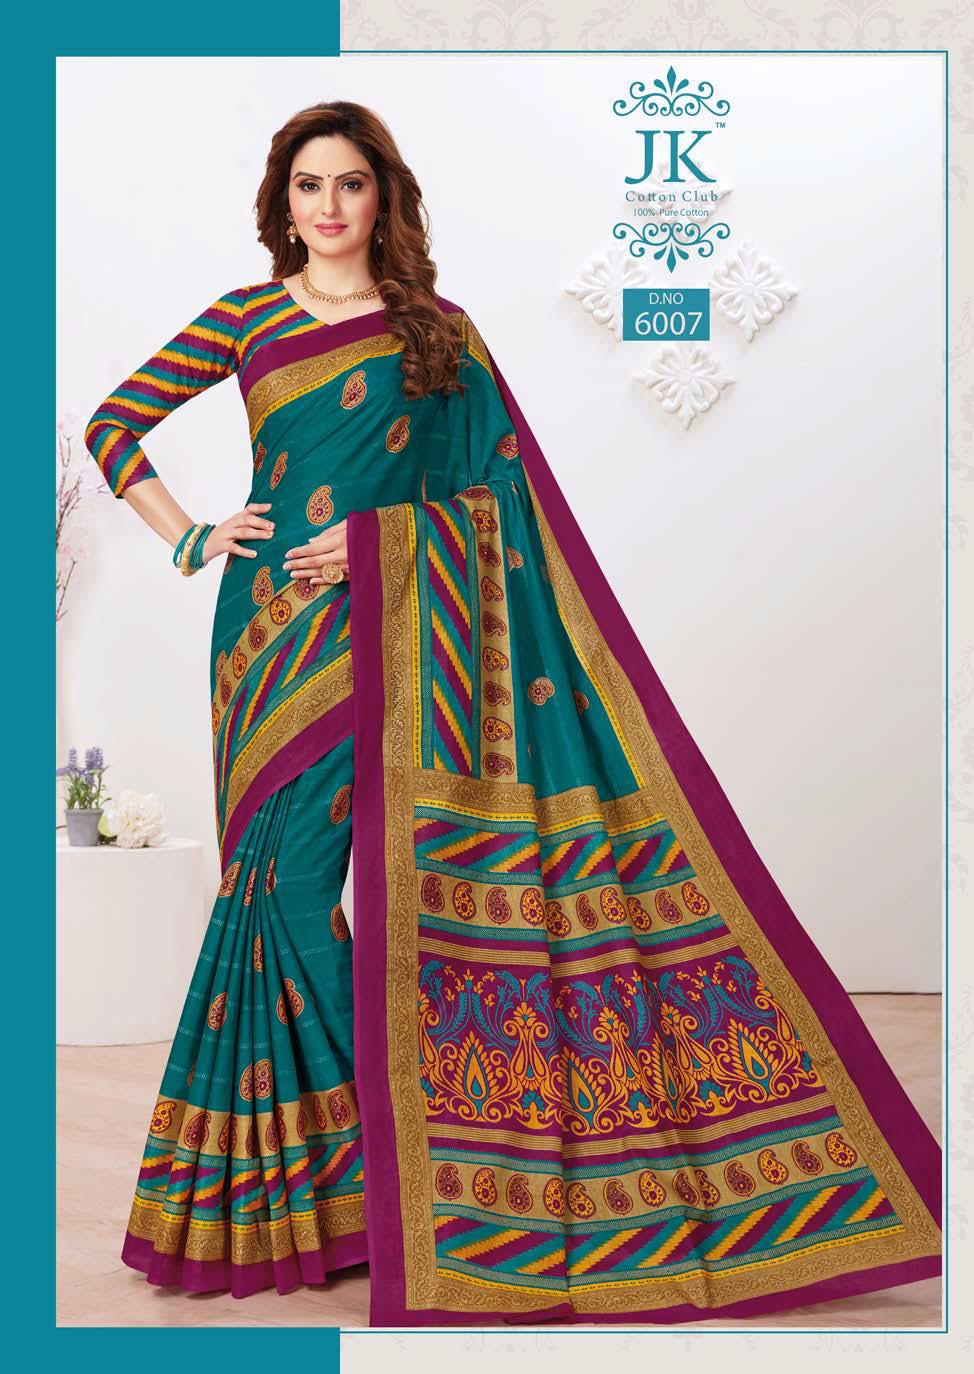 JK Tulsi Vol 6 A Saree Sari Wholesale Catalog 10 Pcs 4 - JK Tulsi Vol 6 A Saree Sari Wholesale Catalog 10 Pcs